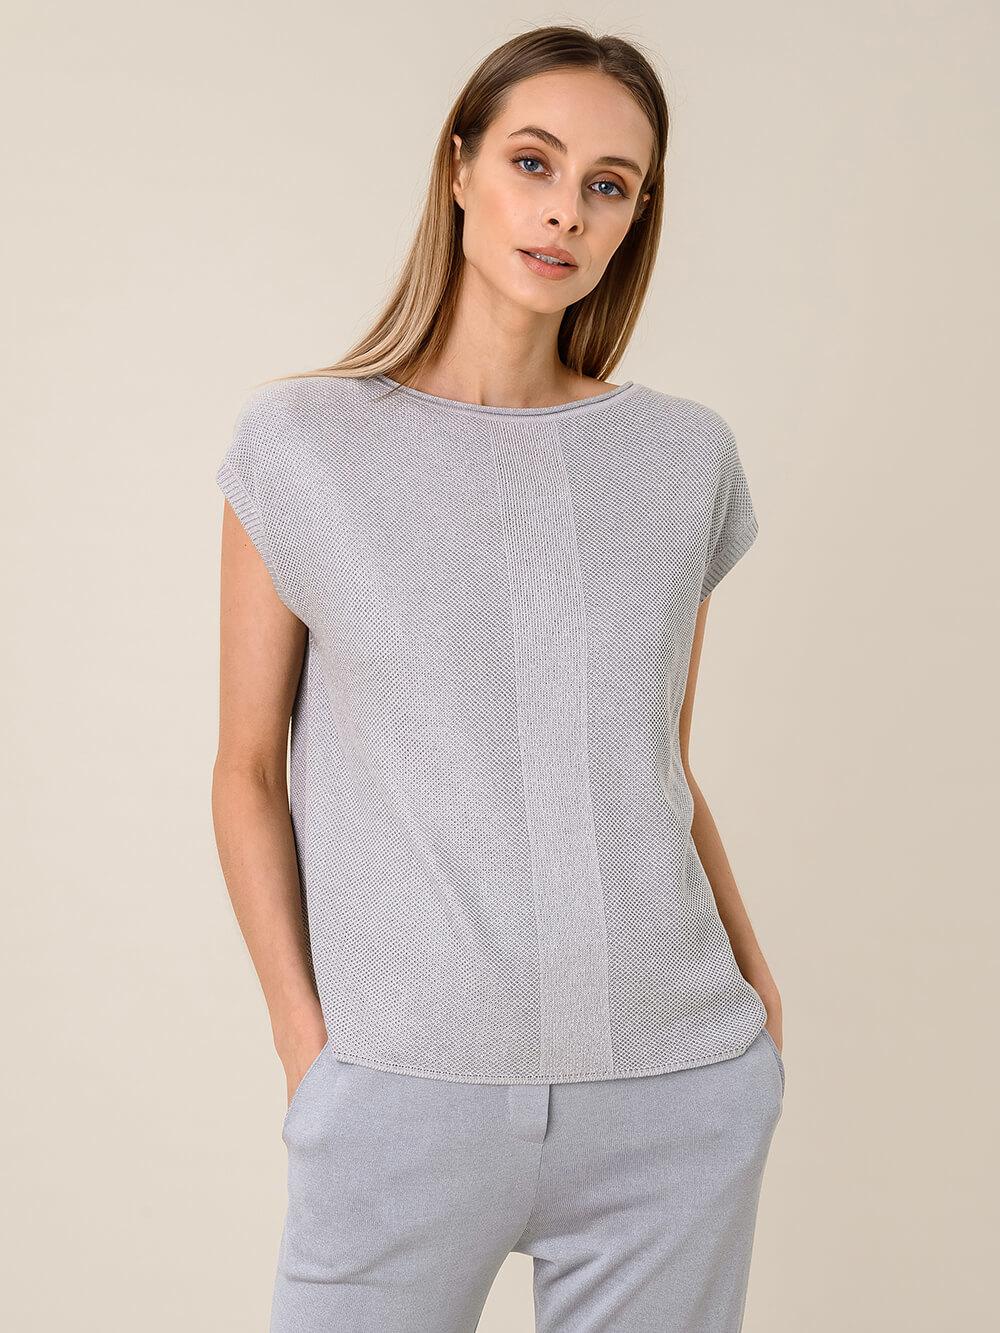 Женская футболка серебряного цвета из вискозы - фото 1